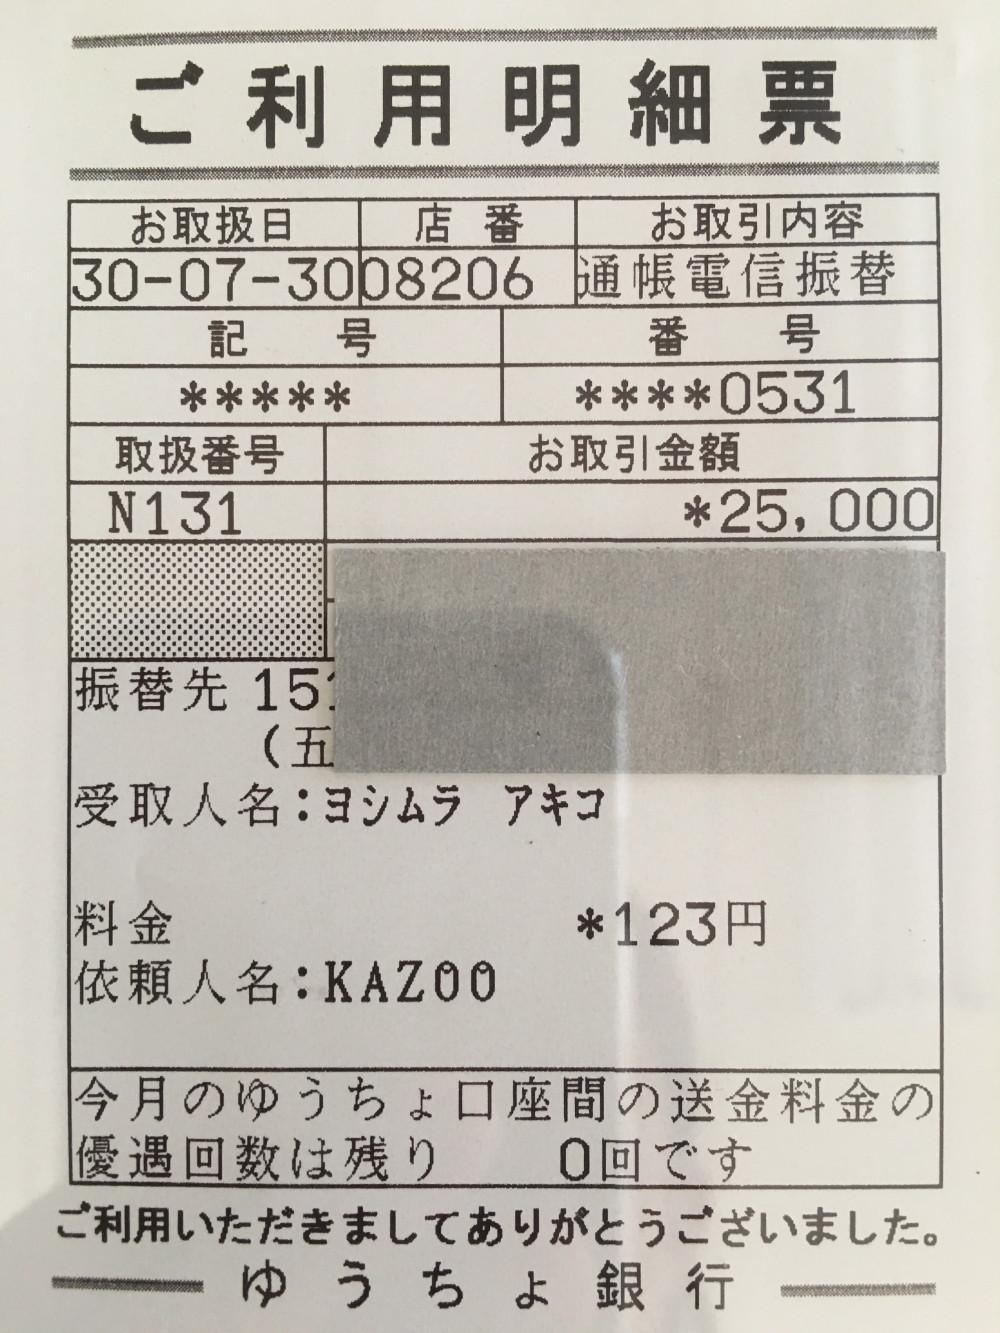 西日本豪雨災害支援金